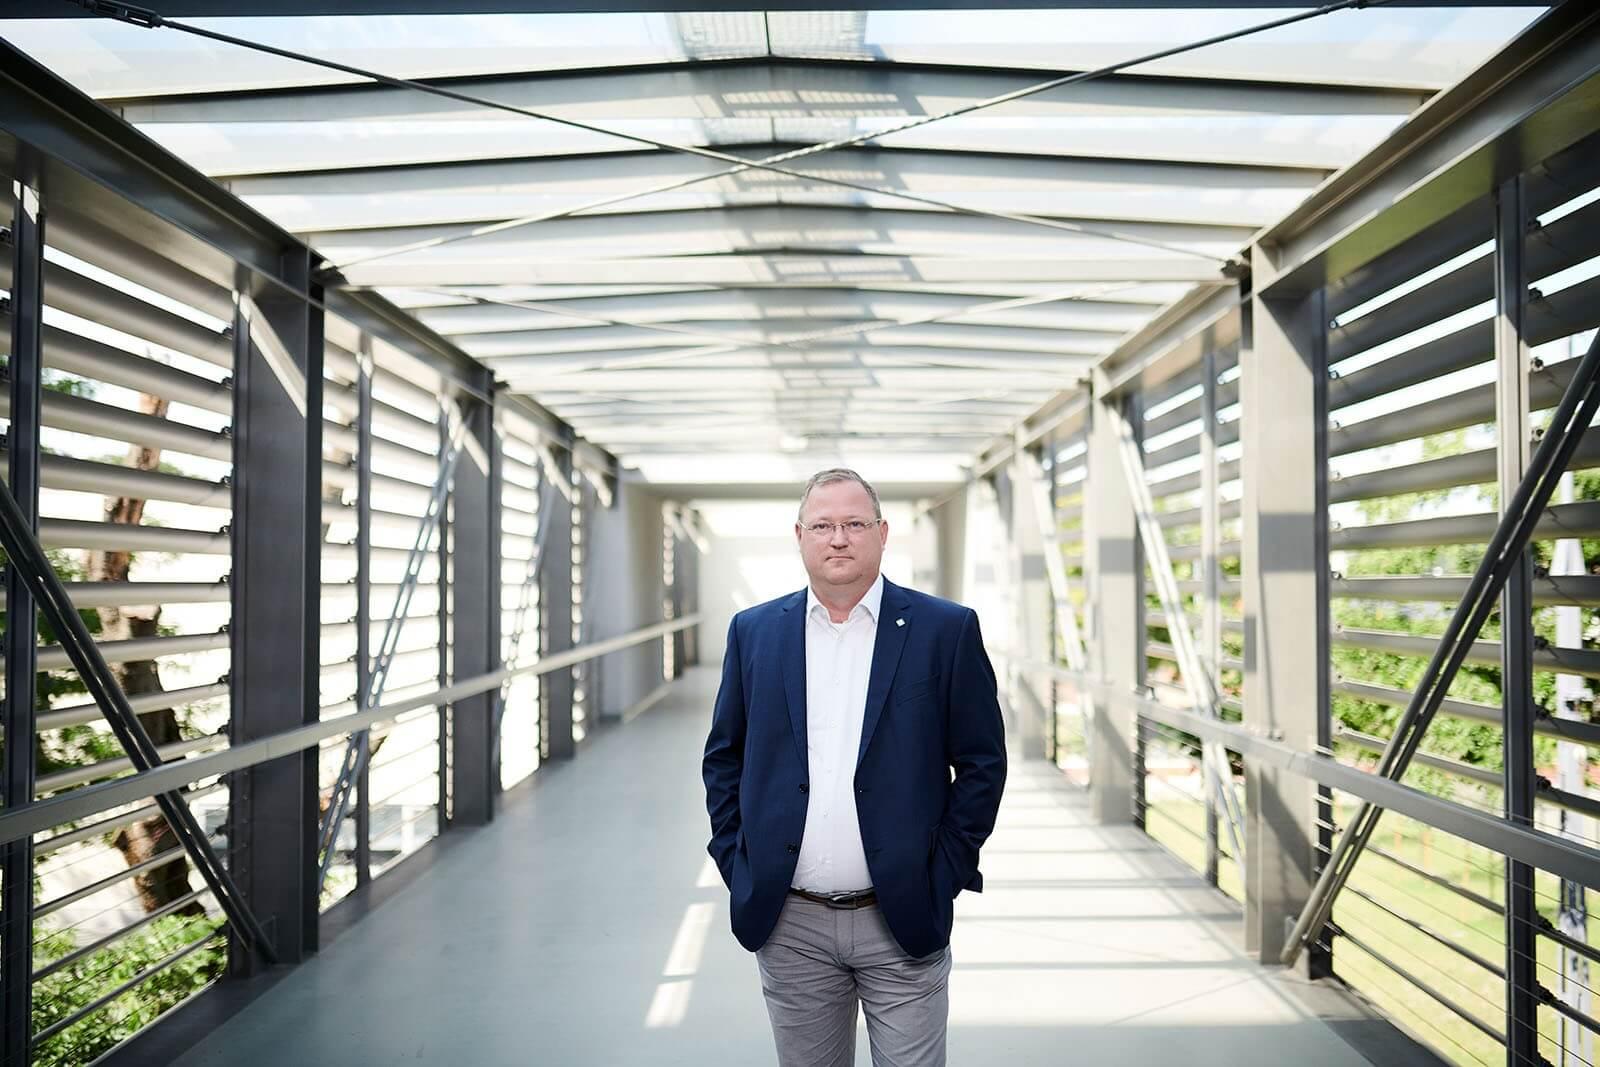 Ybl-díjas építész: Minden feladat egy teljesen új kihívás